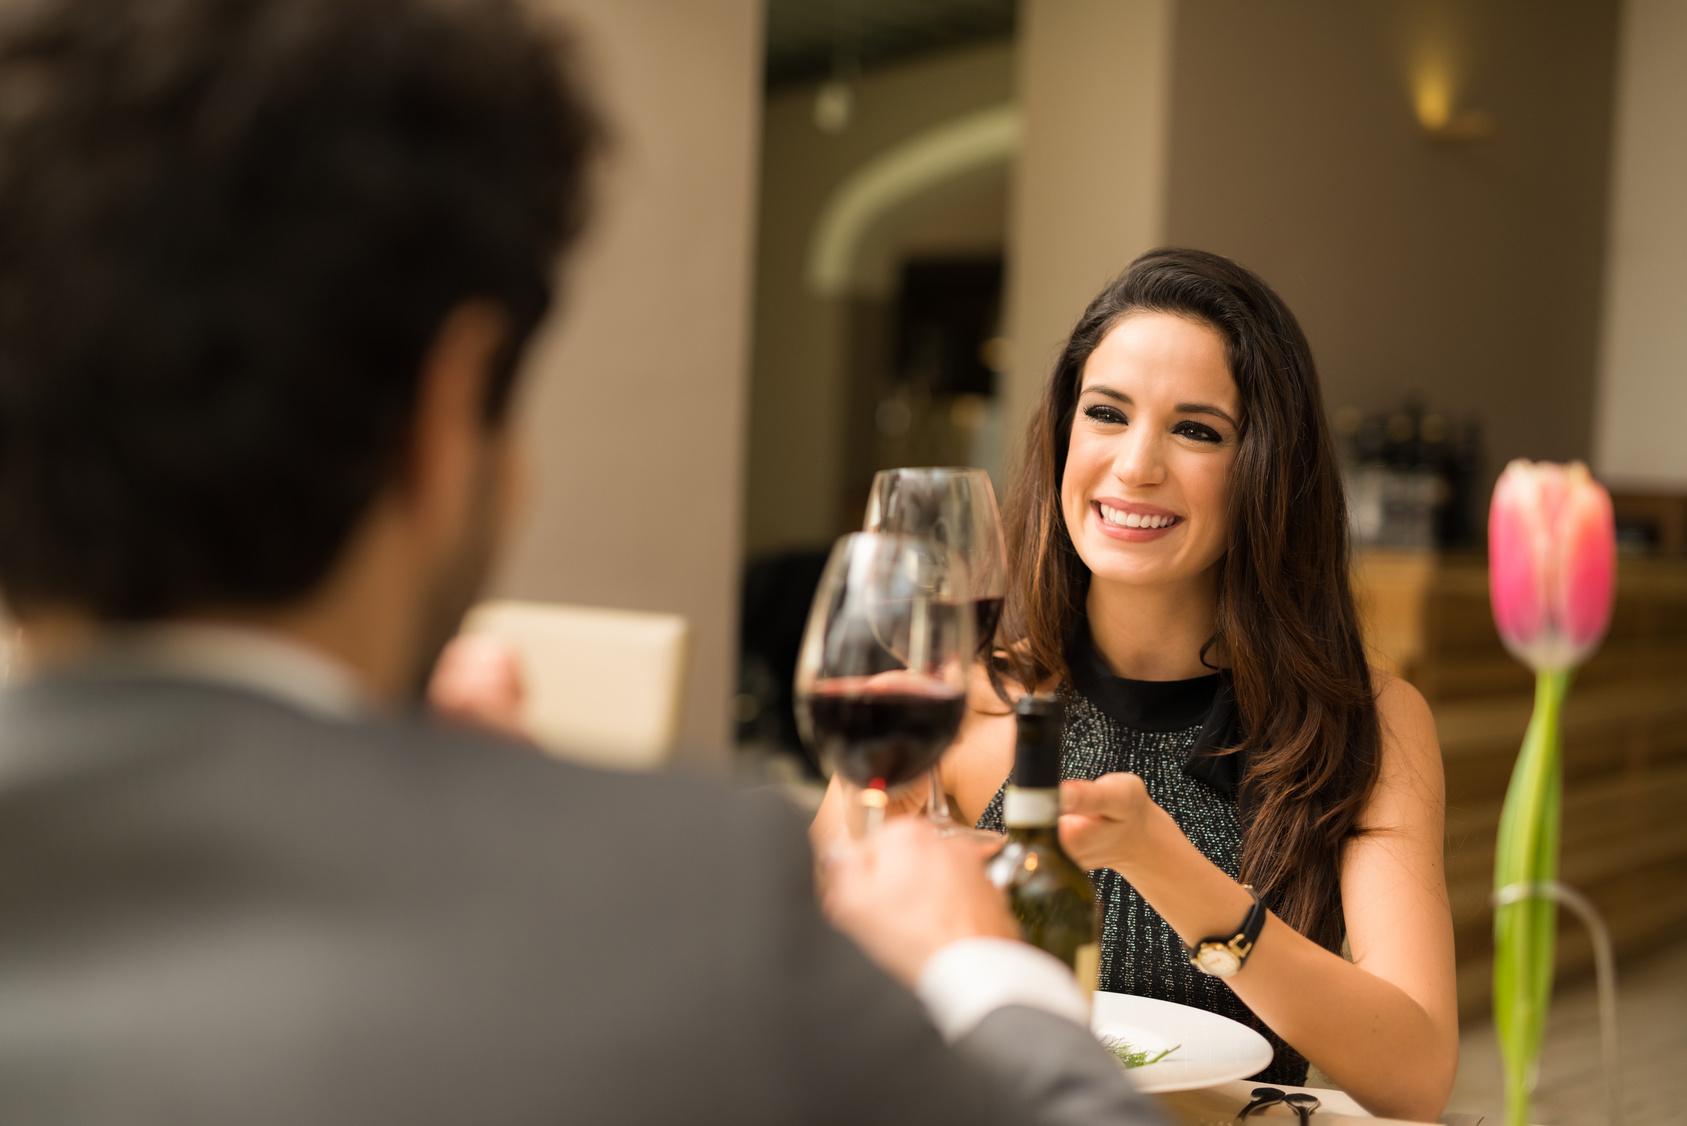 レストラン デート